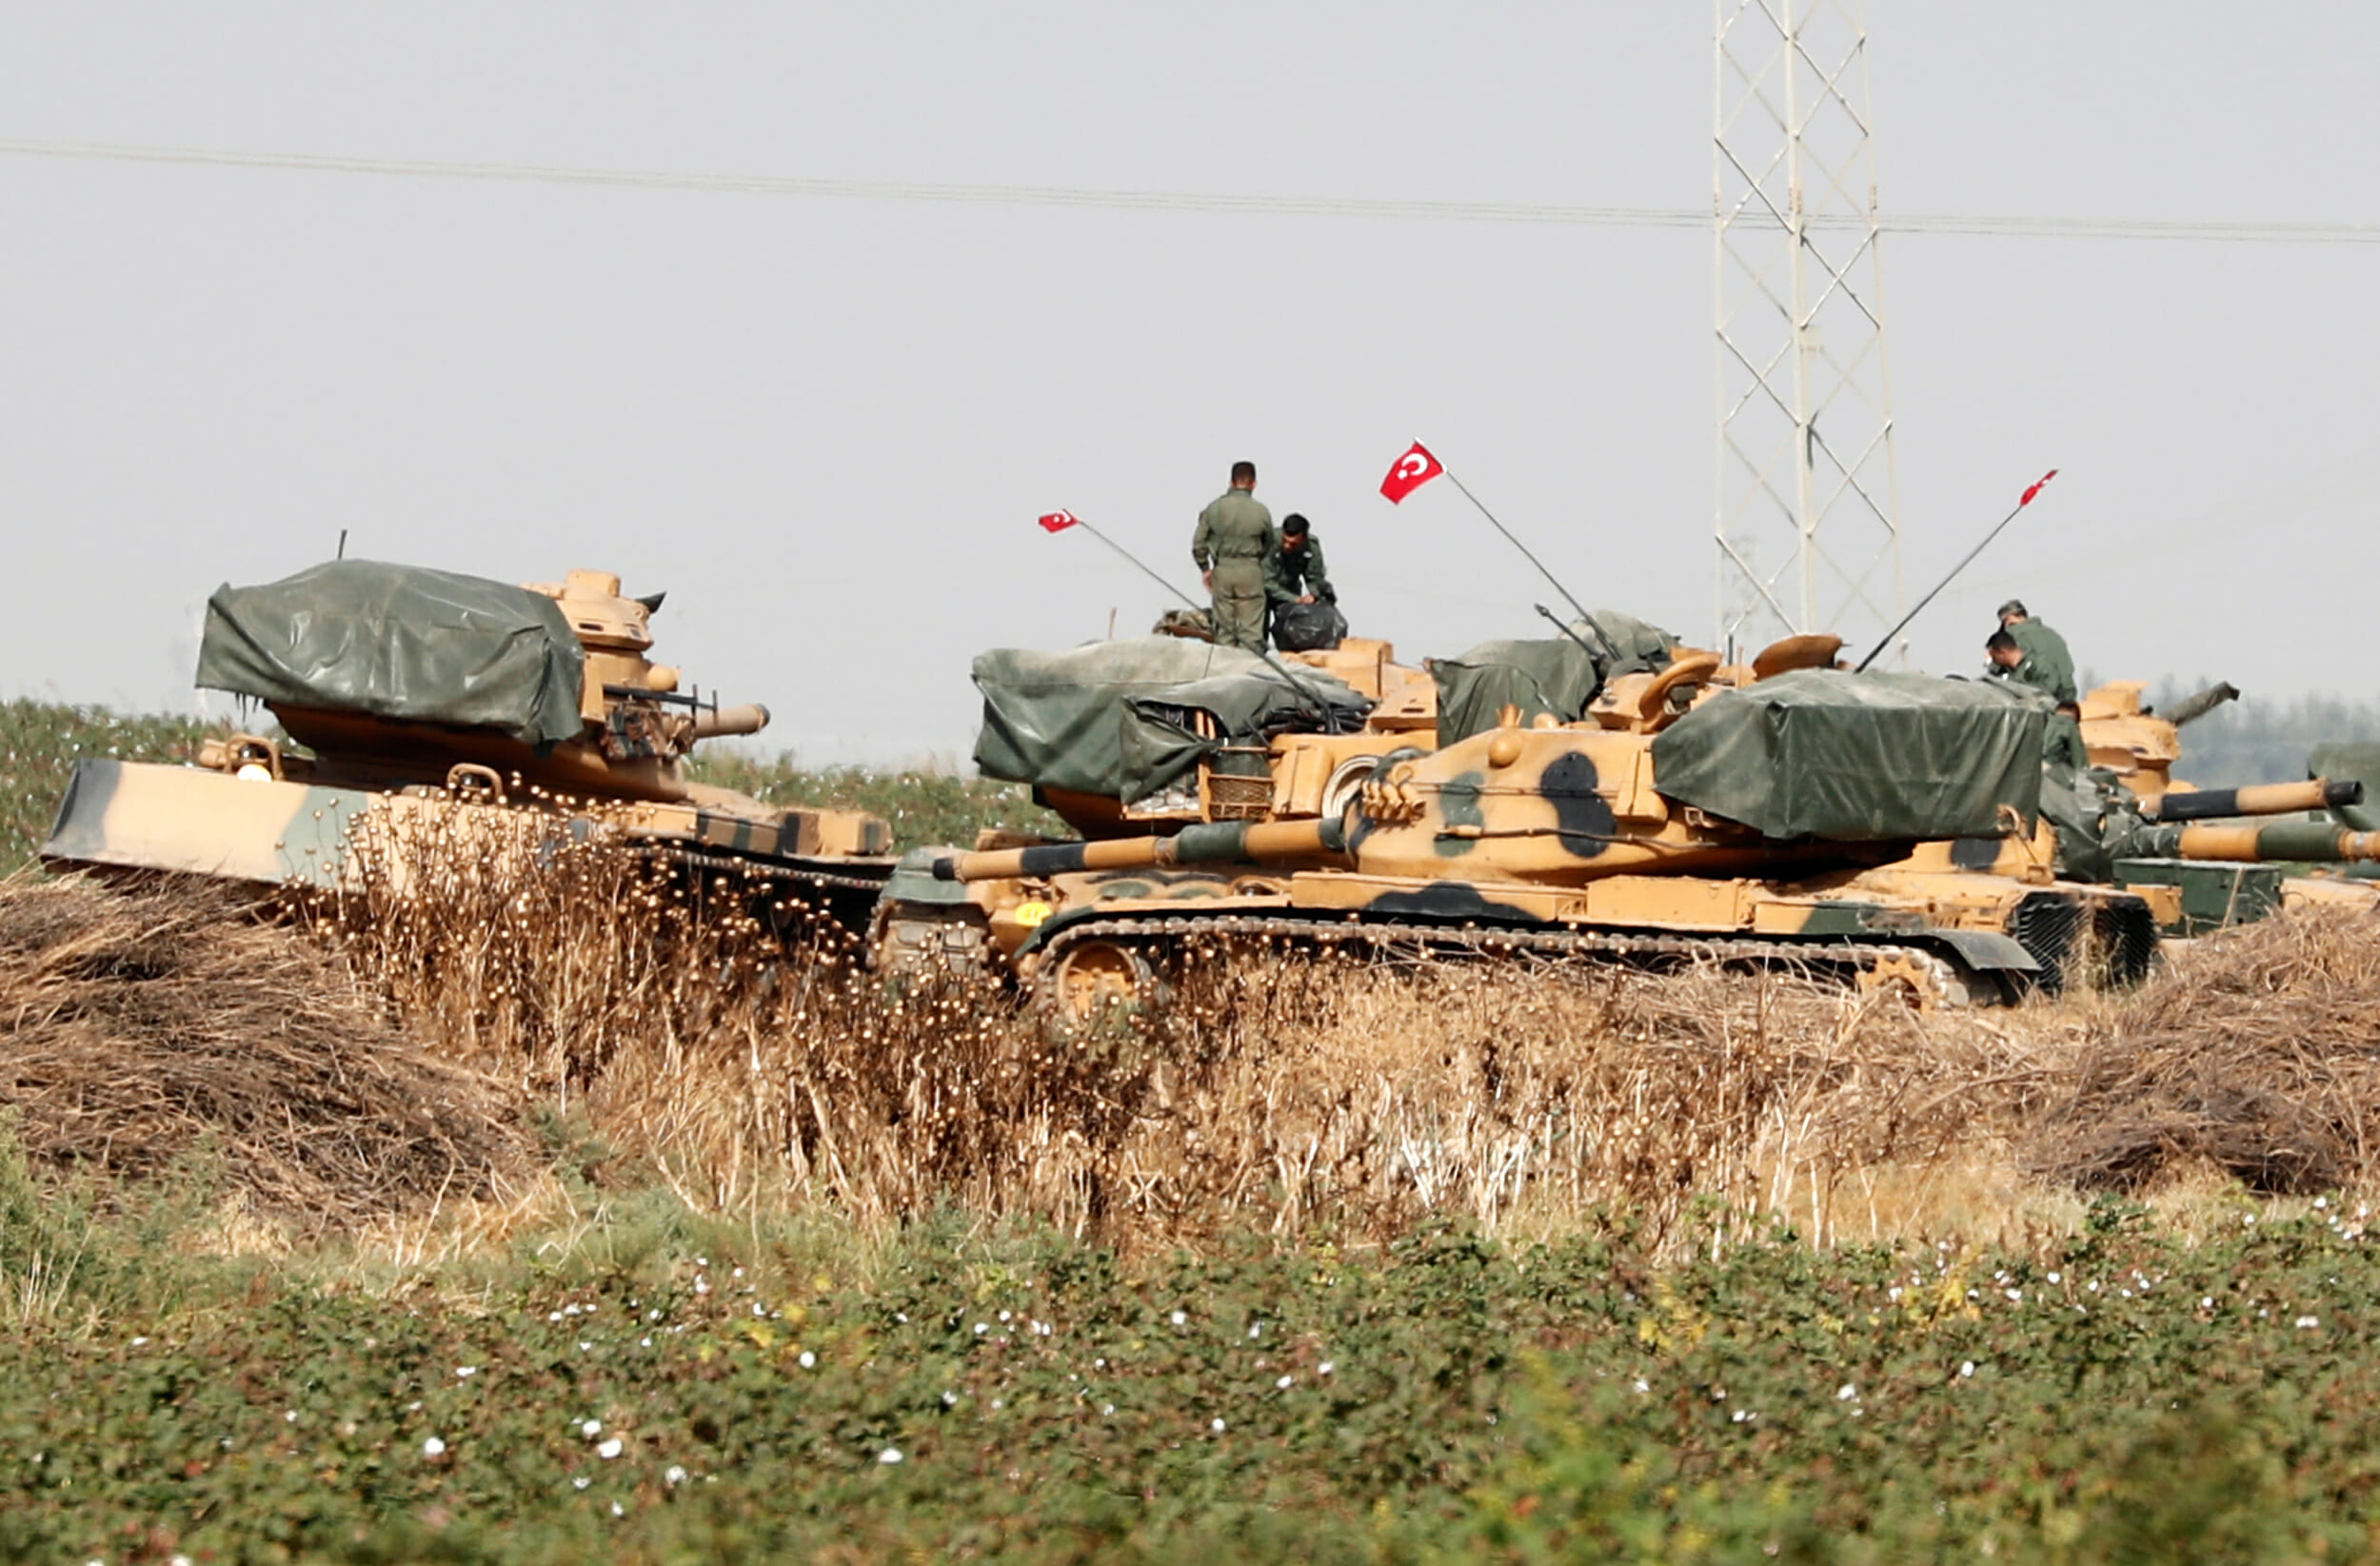 Συρία: Νεκροί 11 αντάρτες προσκείμενοι στην Τουρκία σε επιδρομή της Ρωσίας